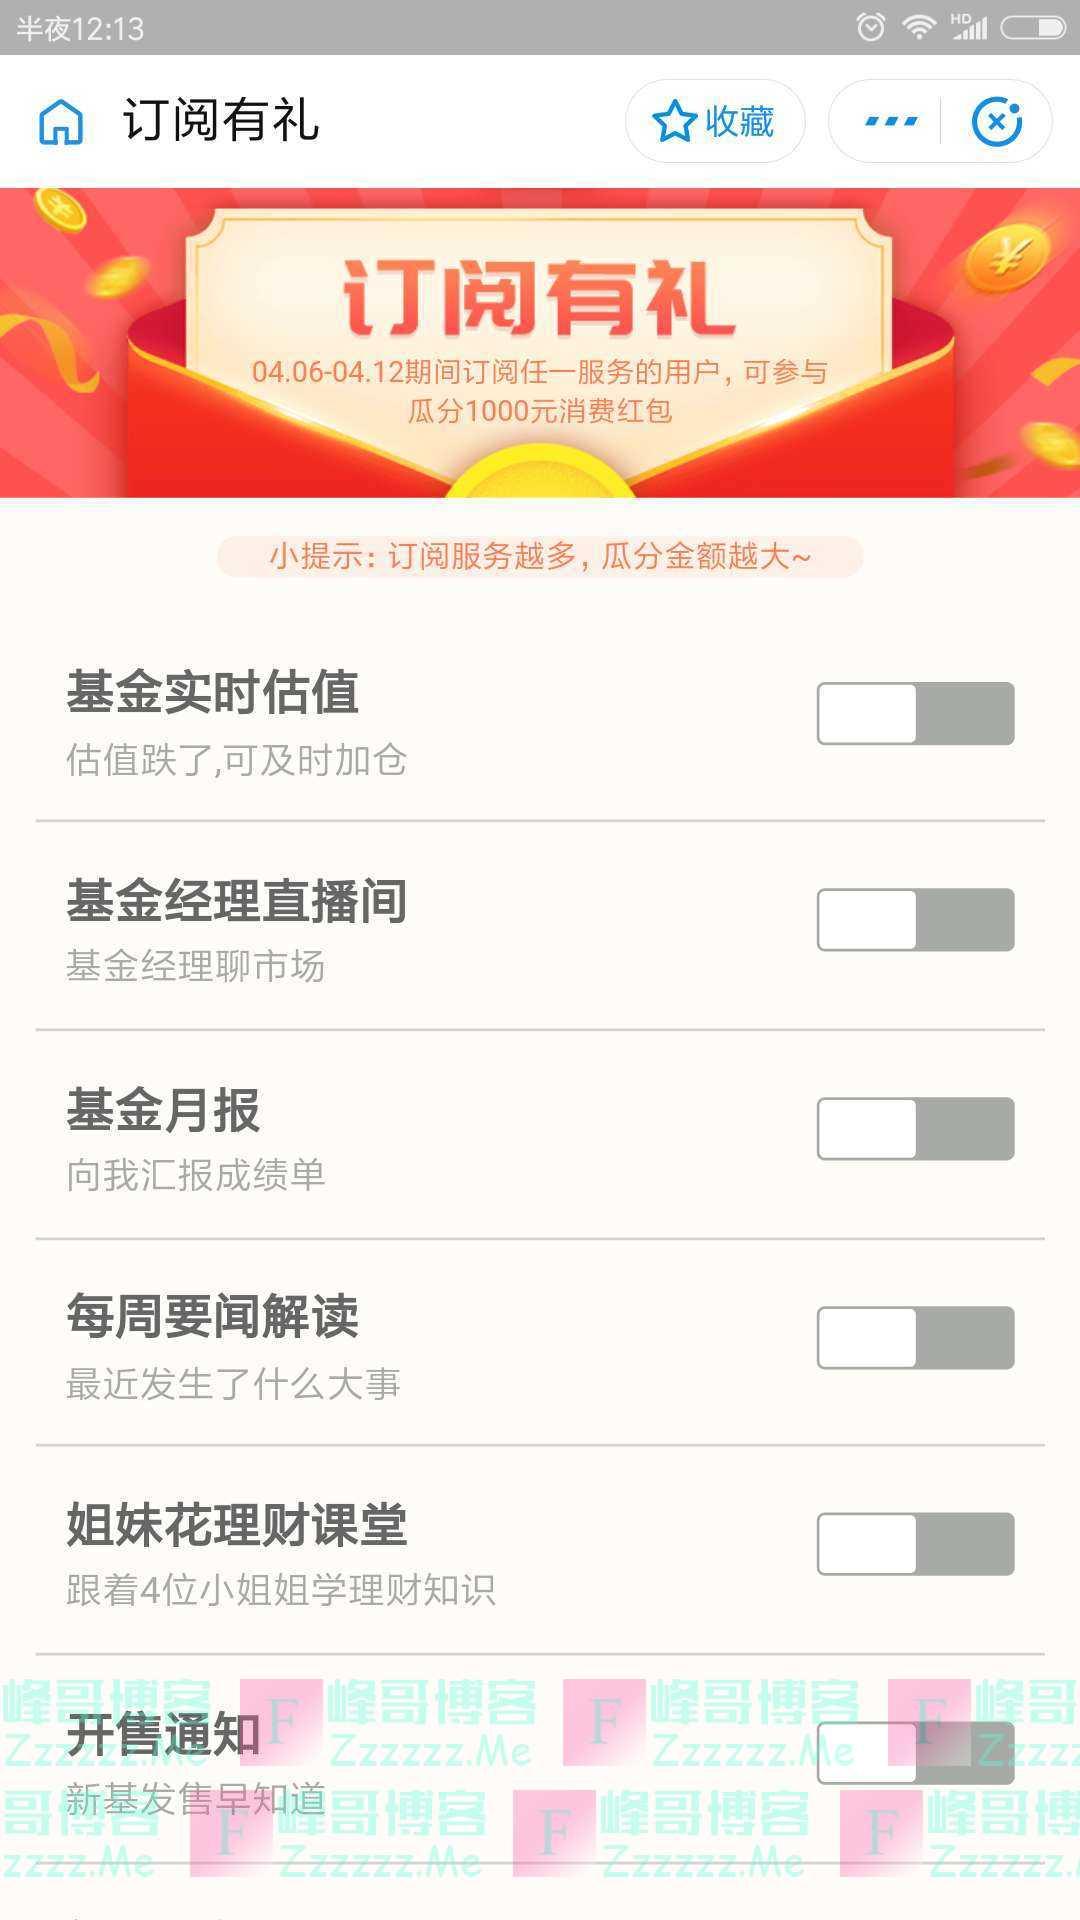 银华基金订阅有礼瓜分千元红包(截止4月12日)